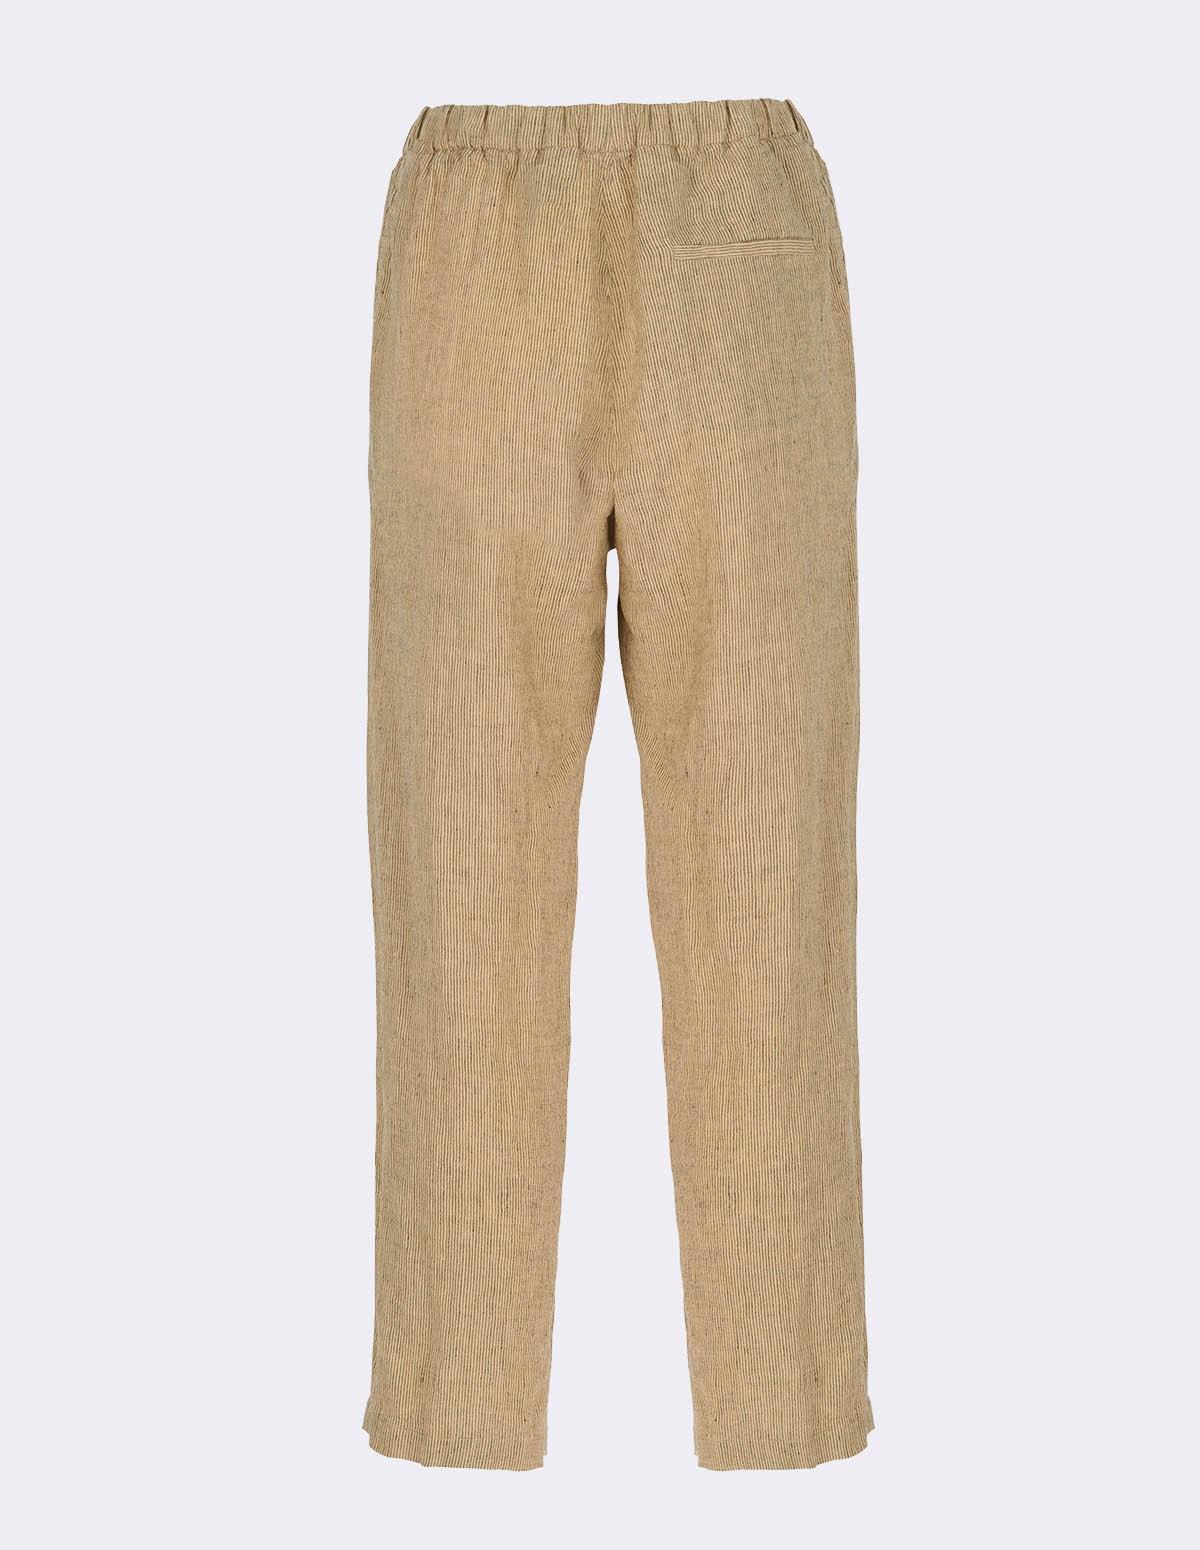 Pom 7152/50762 Pants